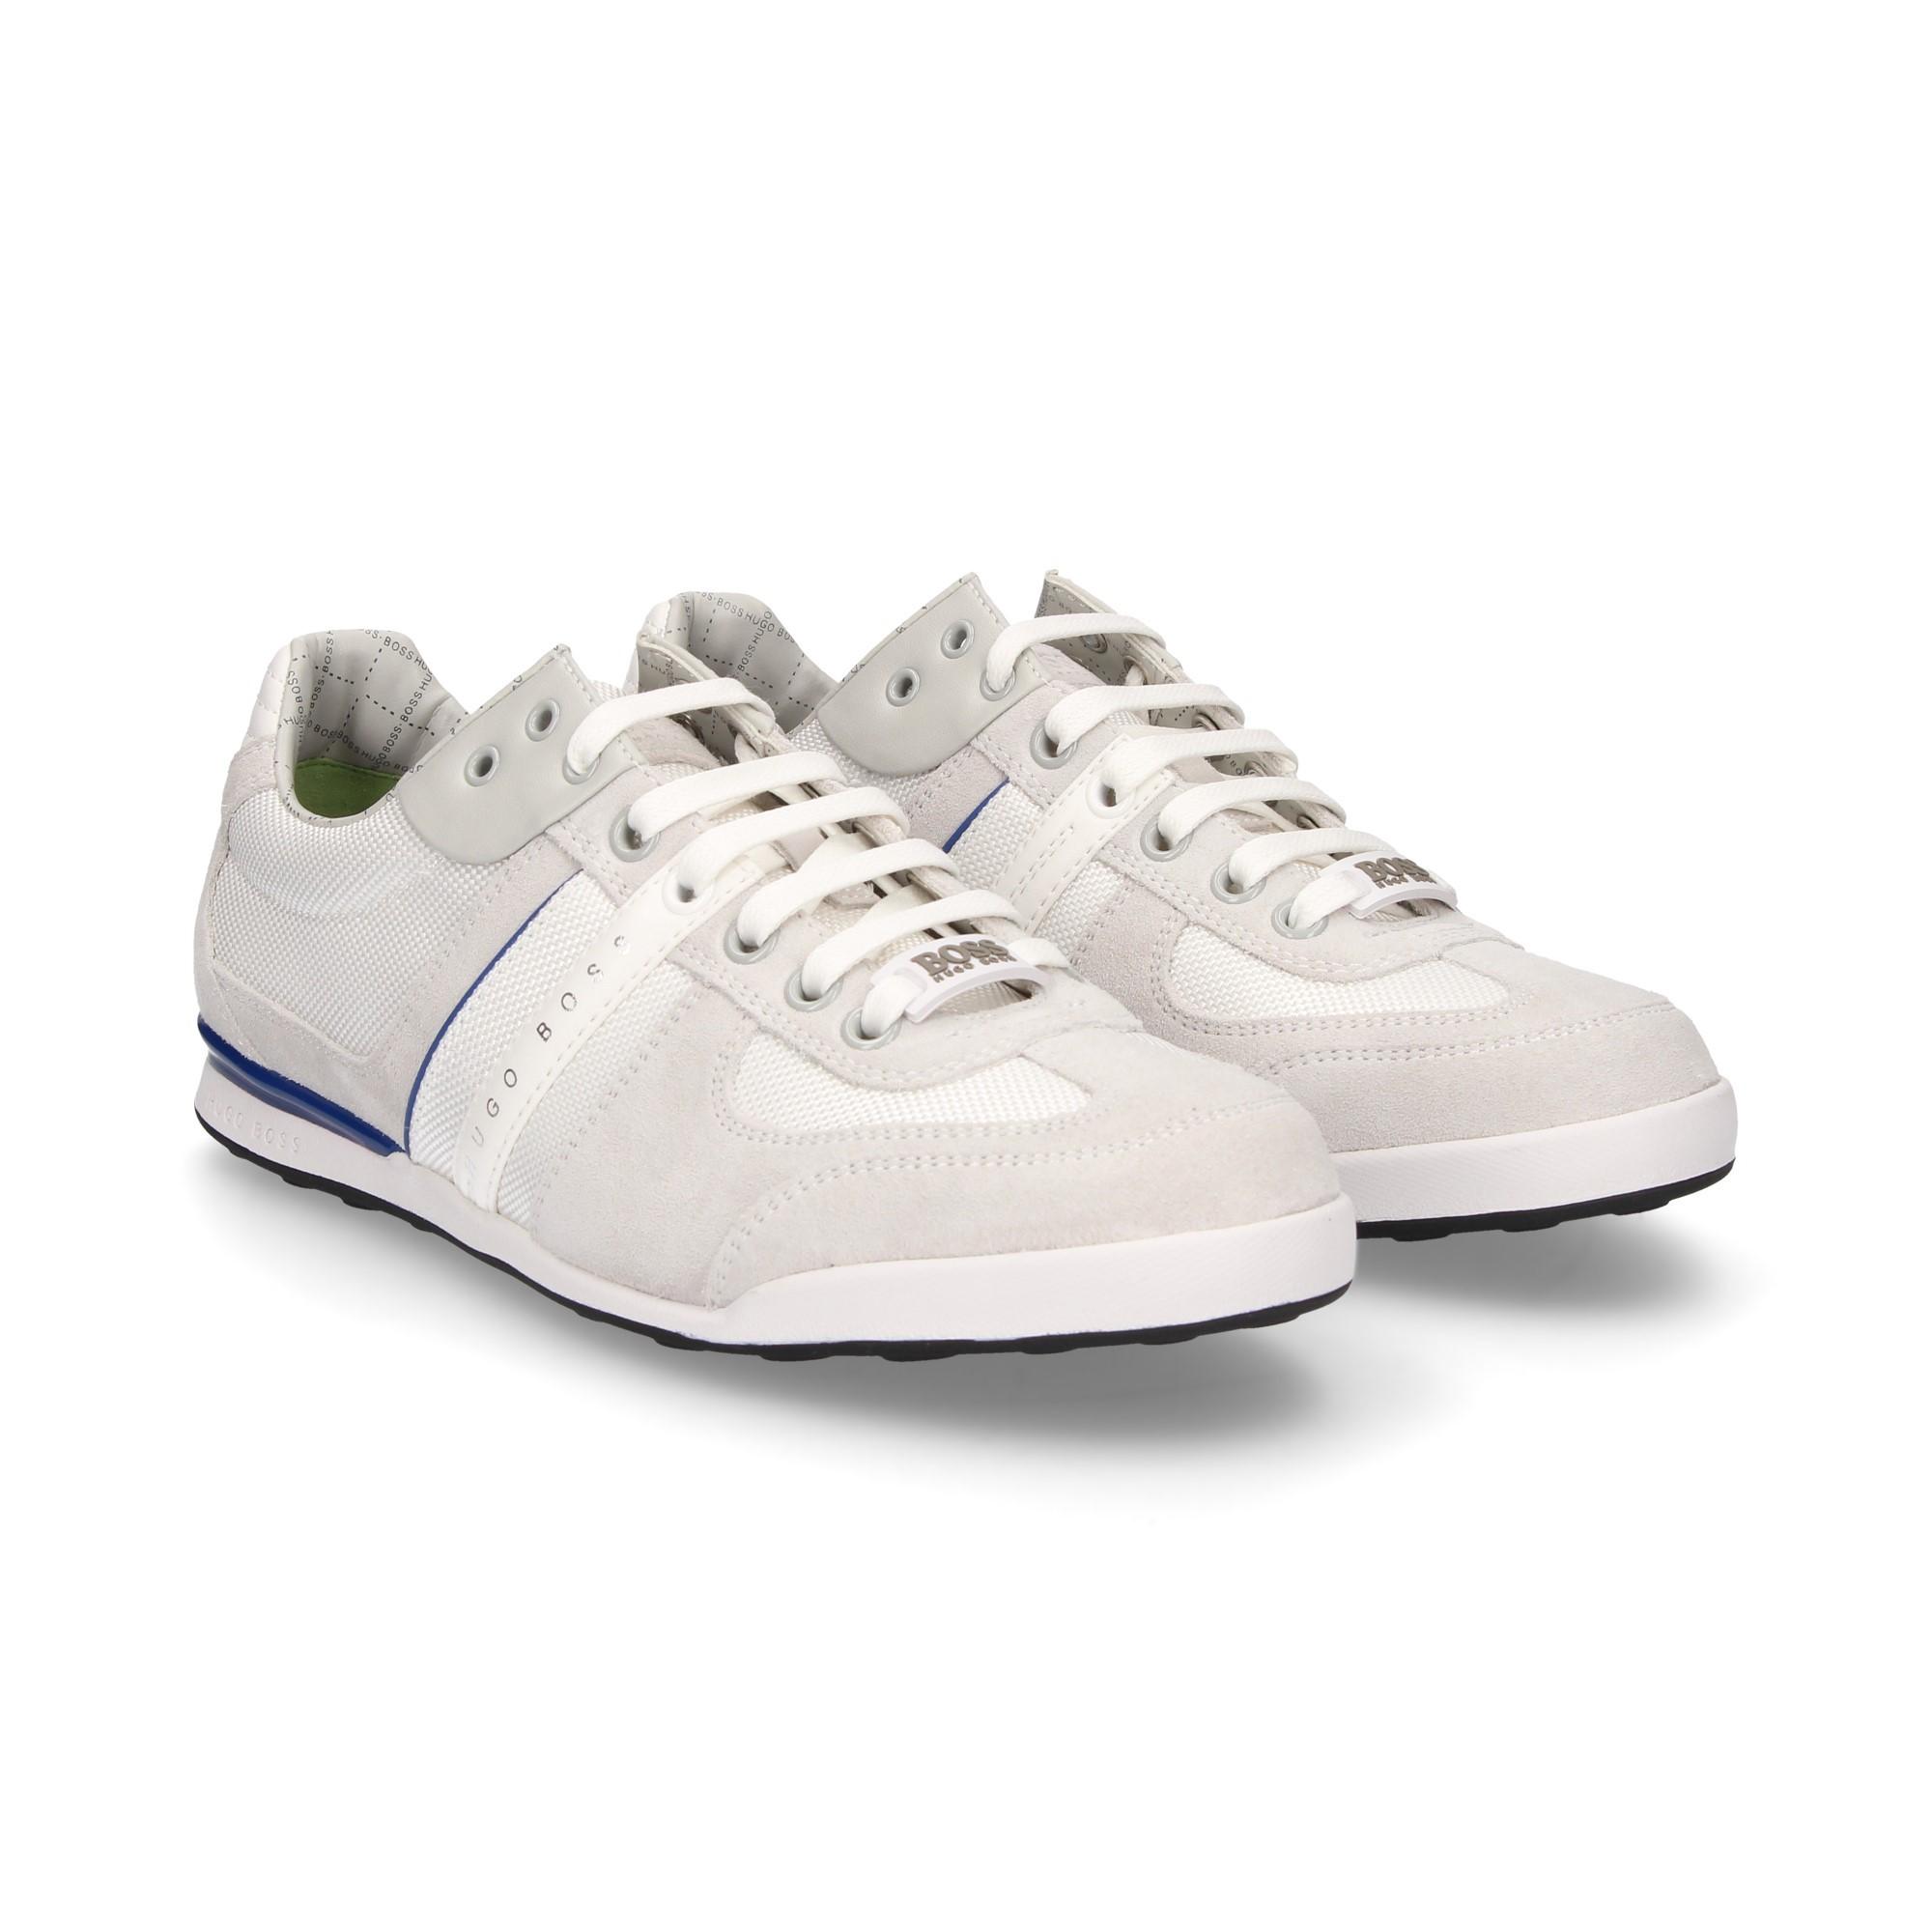 c3b137bde51 HUGO BOSS Men's sneakers AKEEN 118 OPEN WHITE